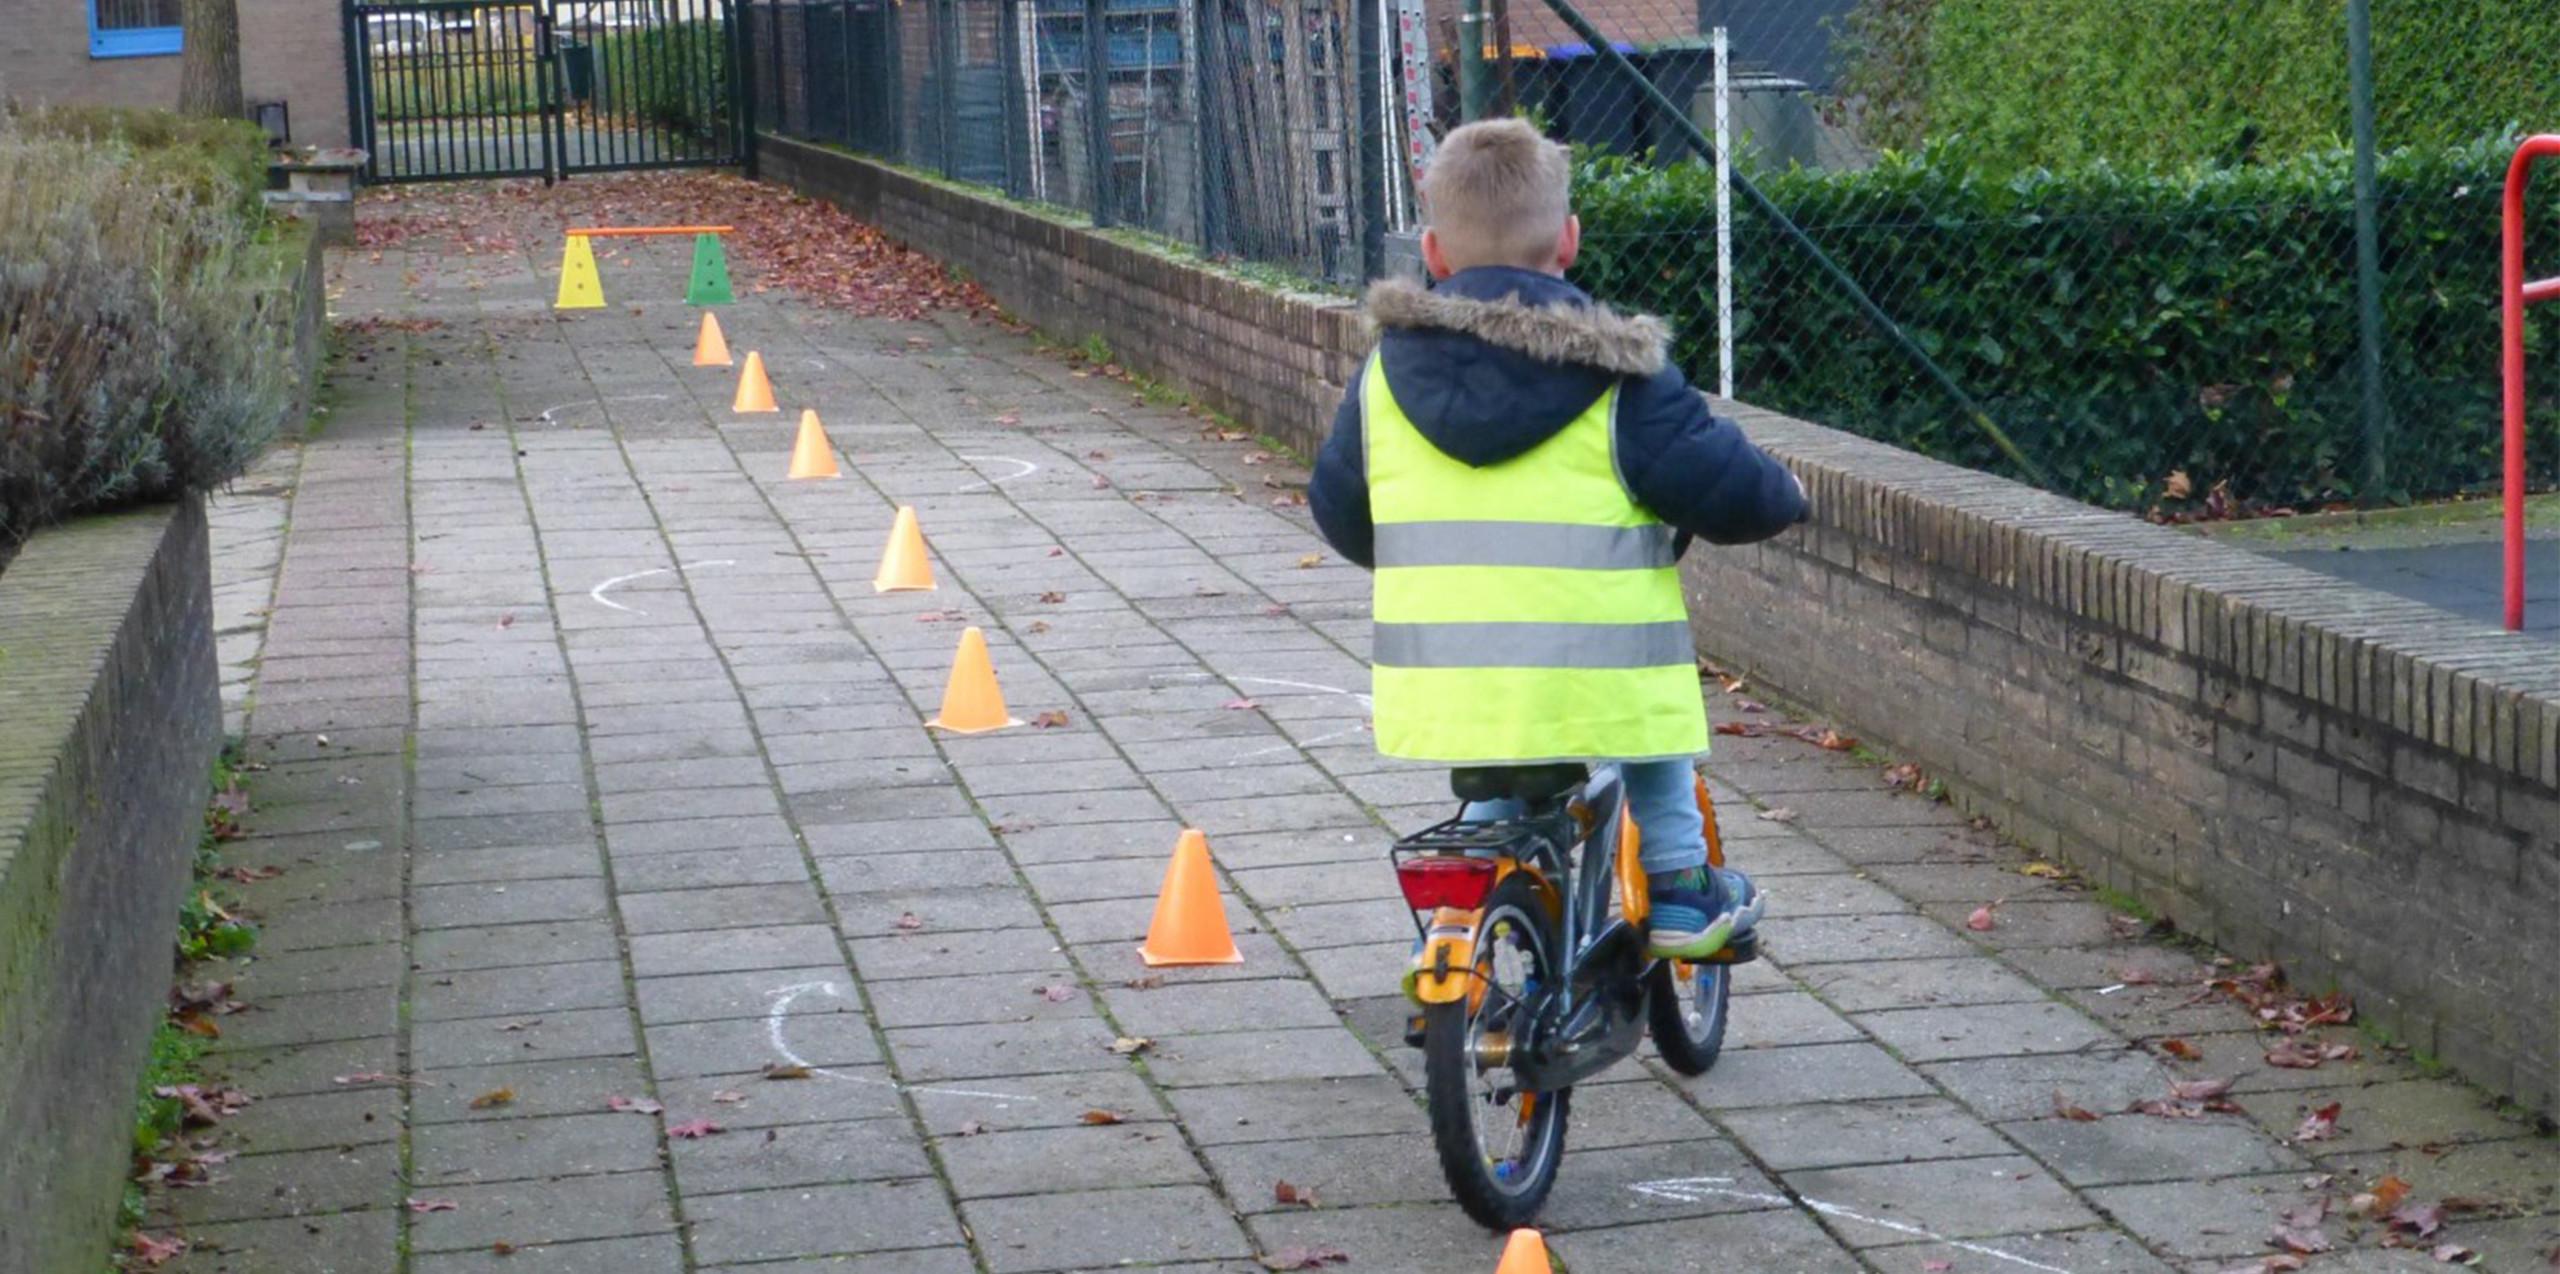 Jongleren in het verkeer fietsen